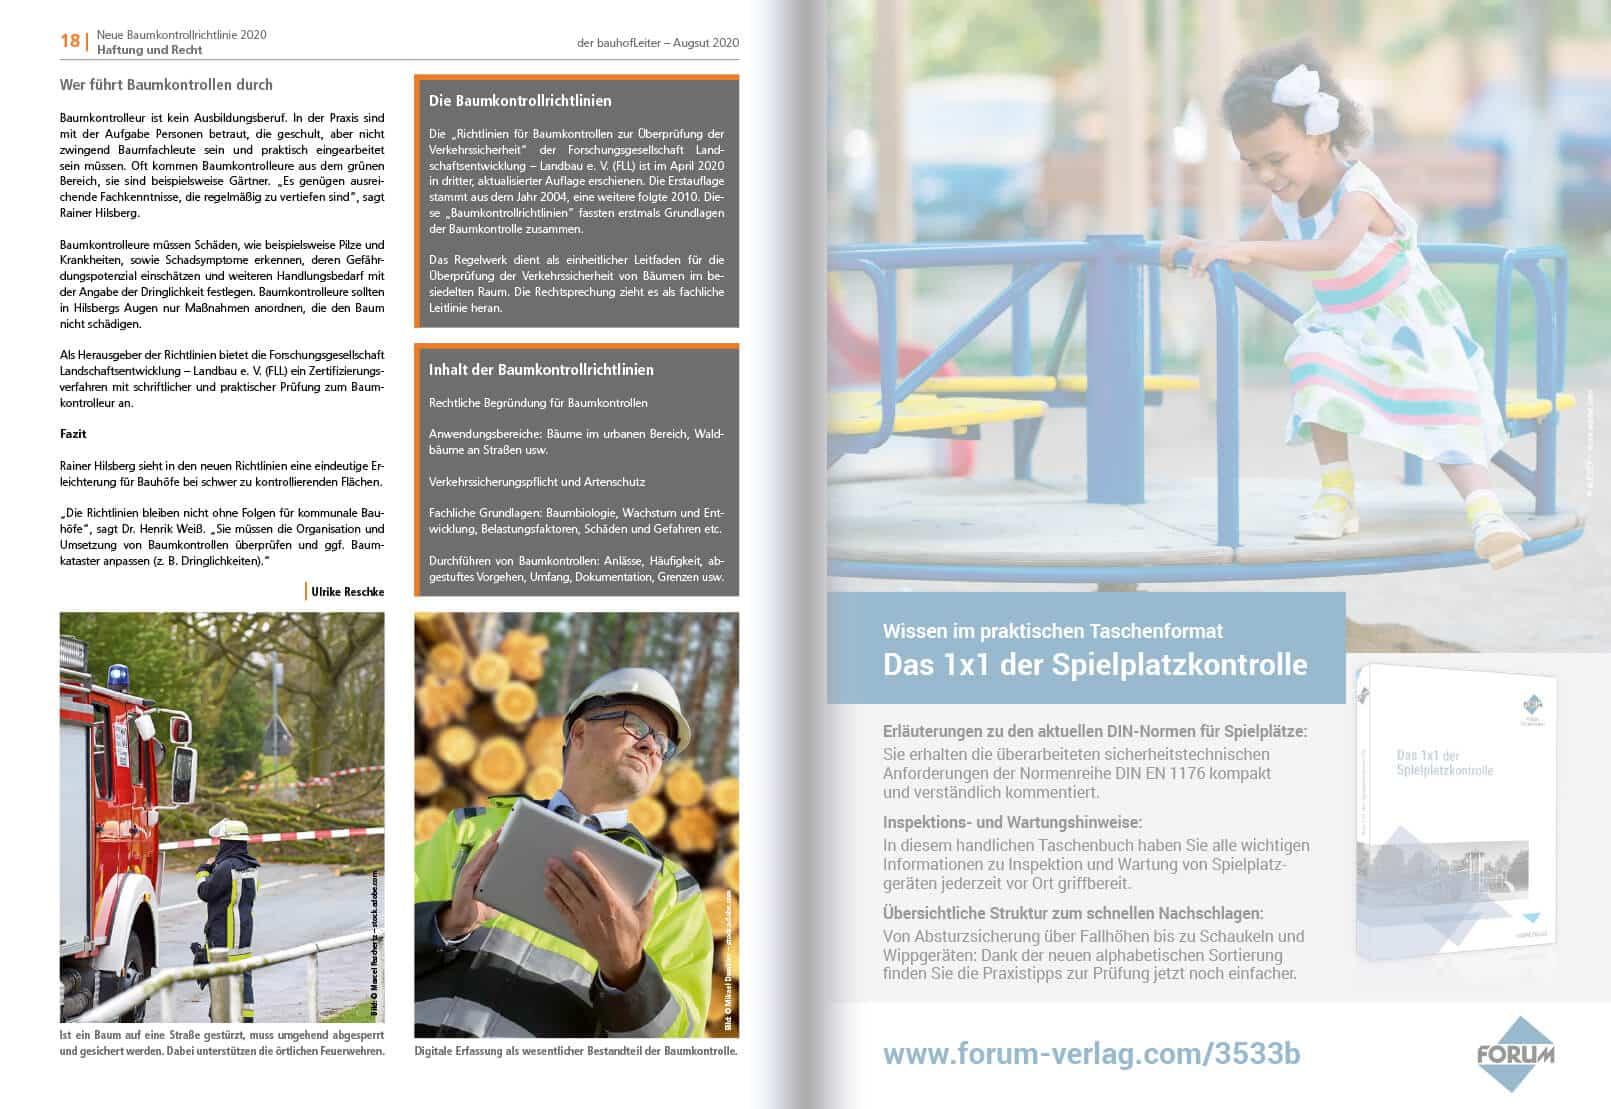 2020-08 Baumkontrollrichtlinie 2020 2